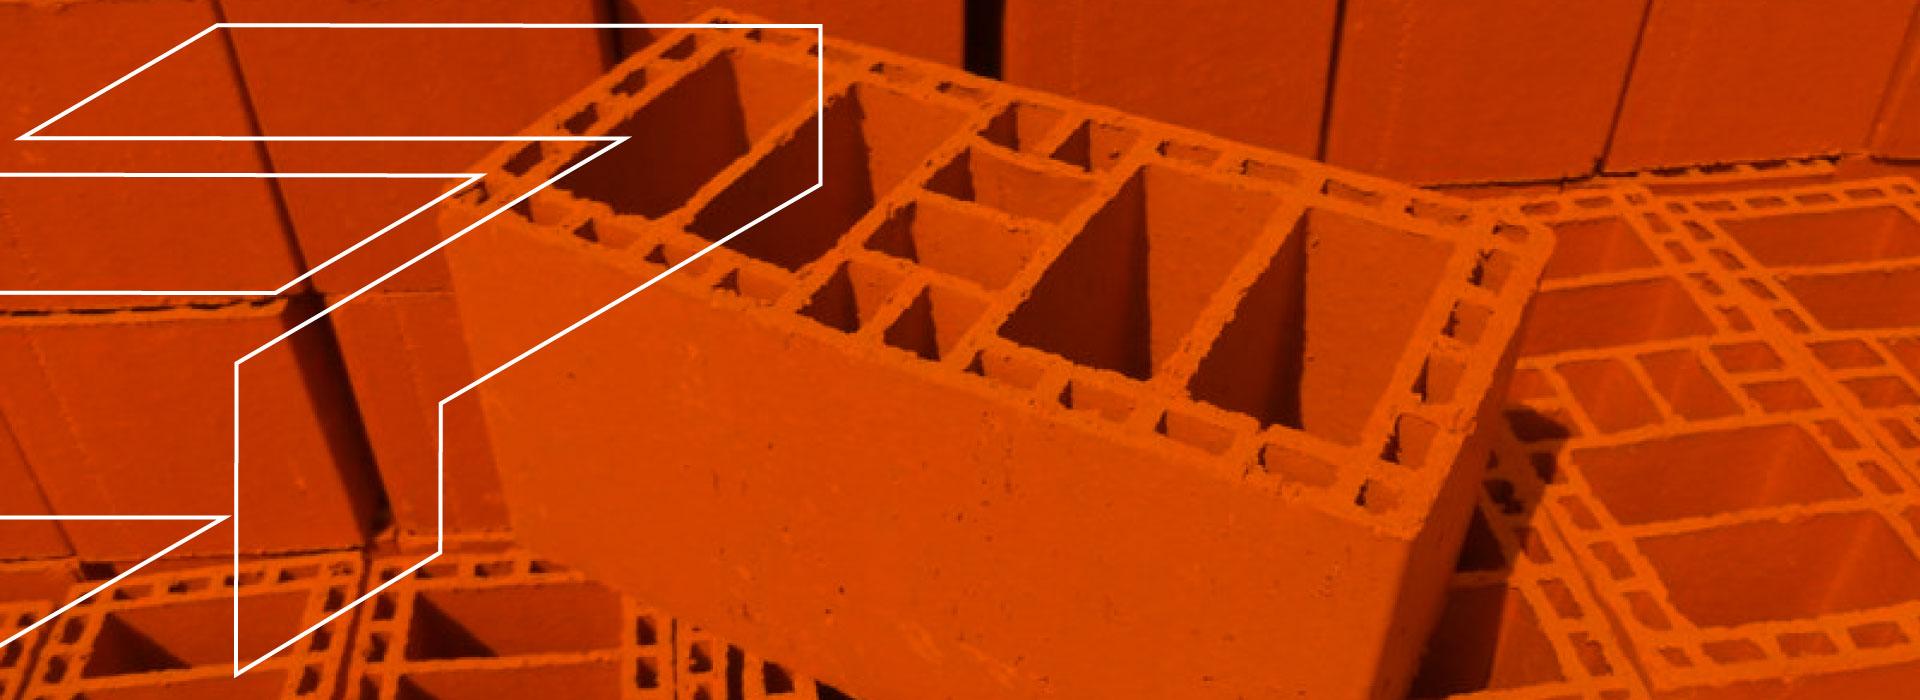 You are currently viewing Alvenaria estrutural e alvenaria convencional: entenda as diferenças e conheça cada estilo de construção